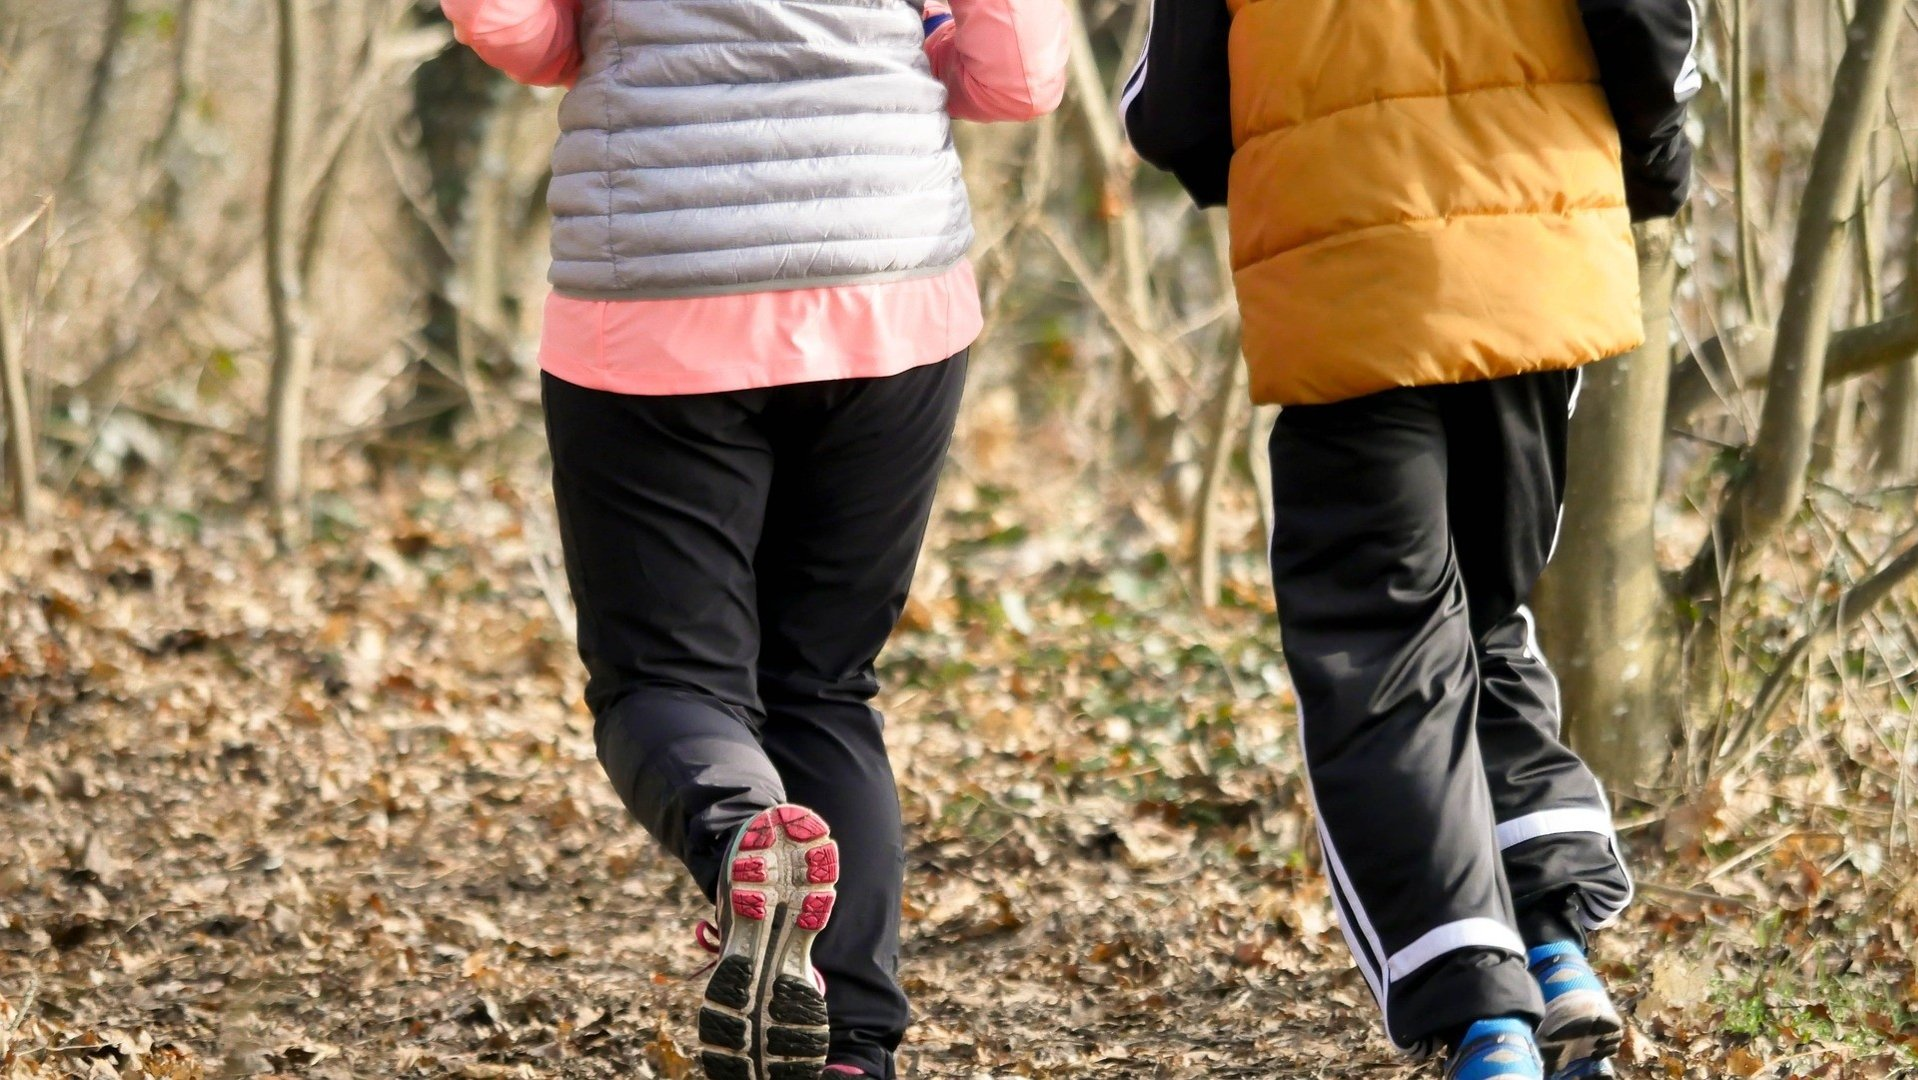 d90f0e3e Buty do biegania to zmora każdego początkującego biegacza. Pomagamy się z  nią zmierzyć. Oto